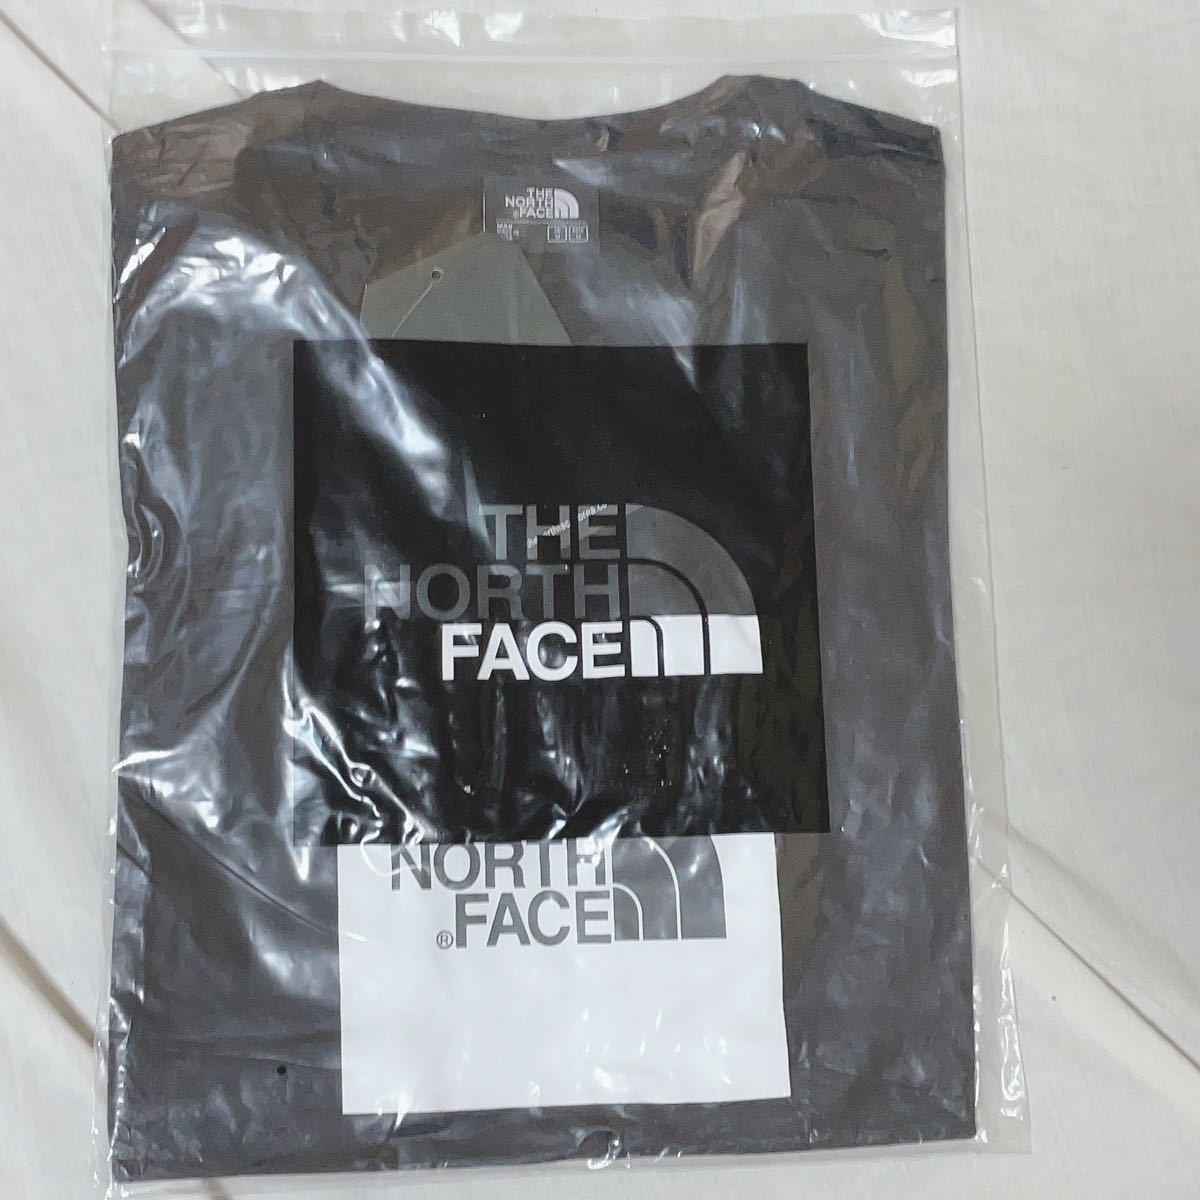 ノースフェイス tシャツ メンズ 半袖 THE NORTH FACE ザ ノースフェイス 黒色